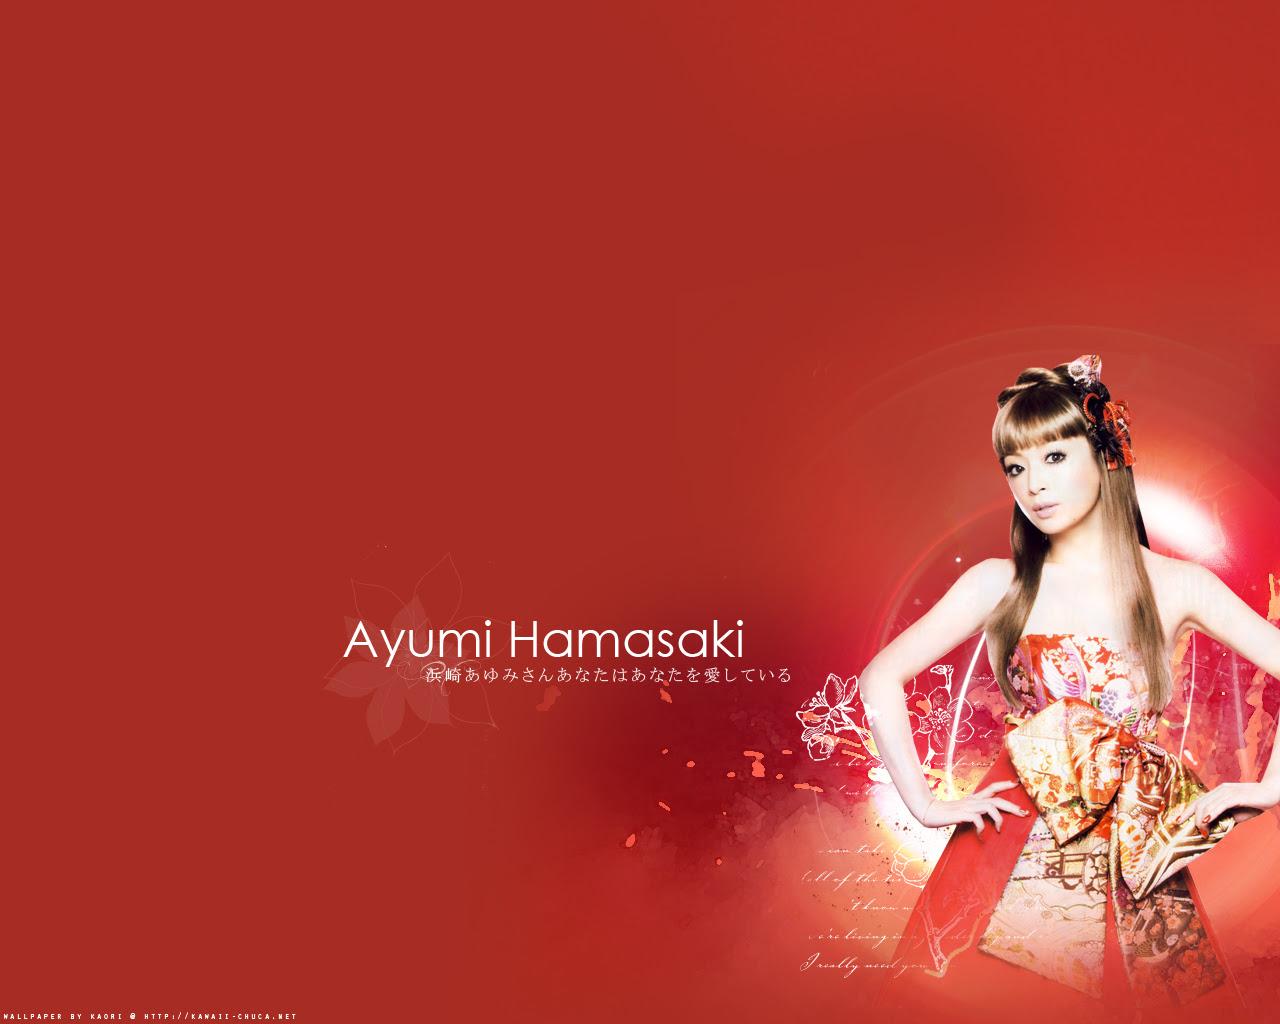 Ayumi Hamasaki Ayumi Hamasaki Wallpaper 15707620 Fanpop